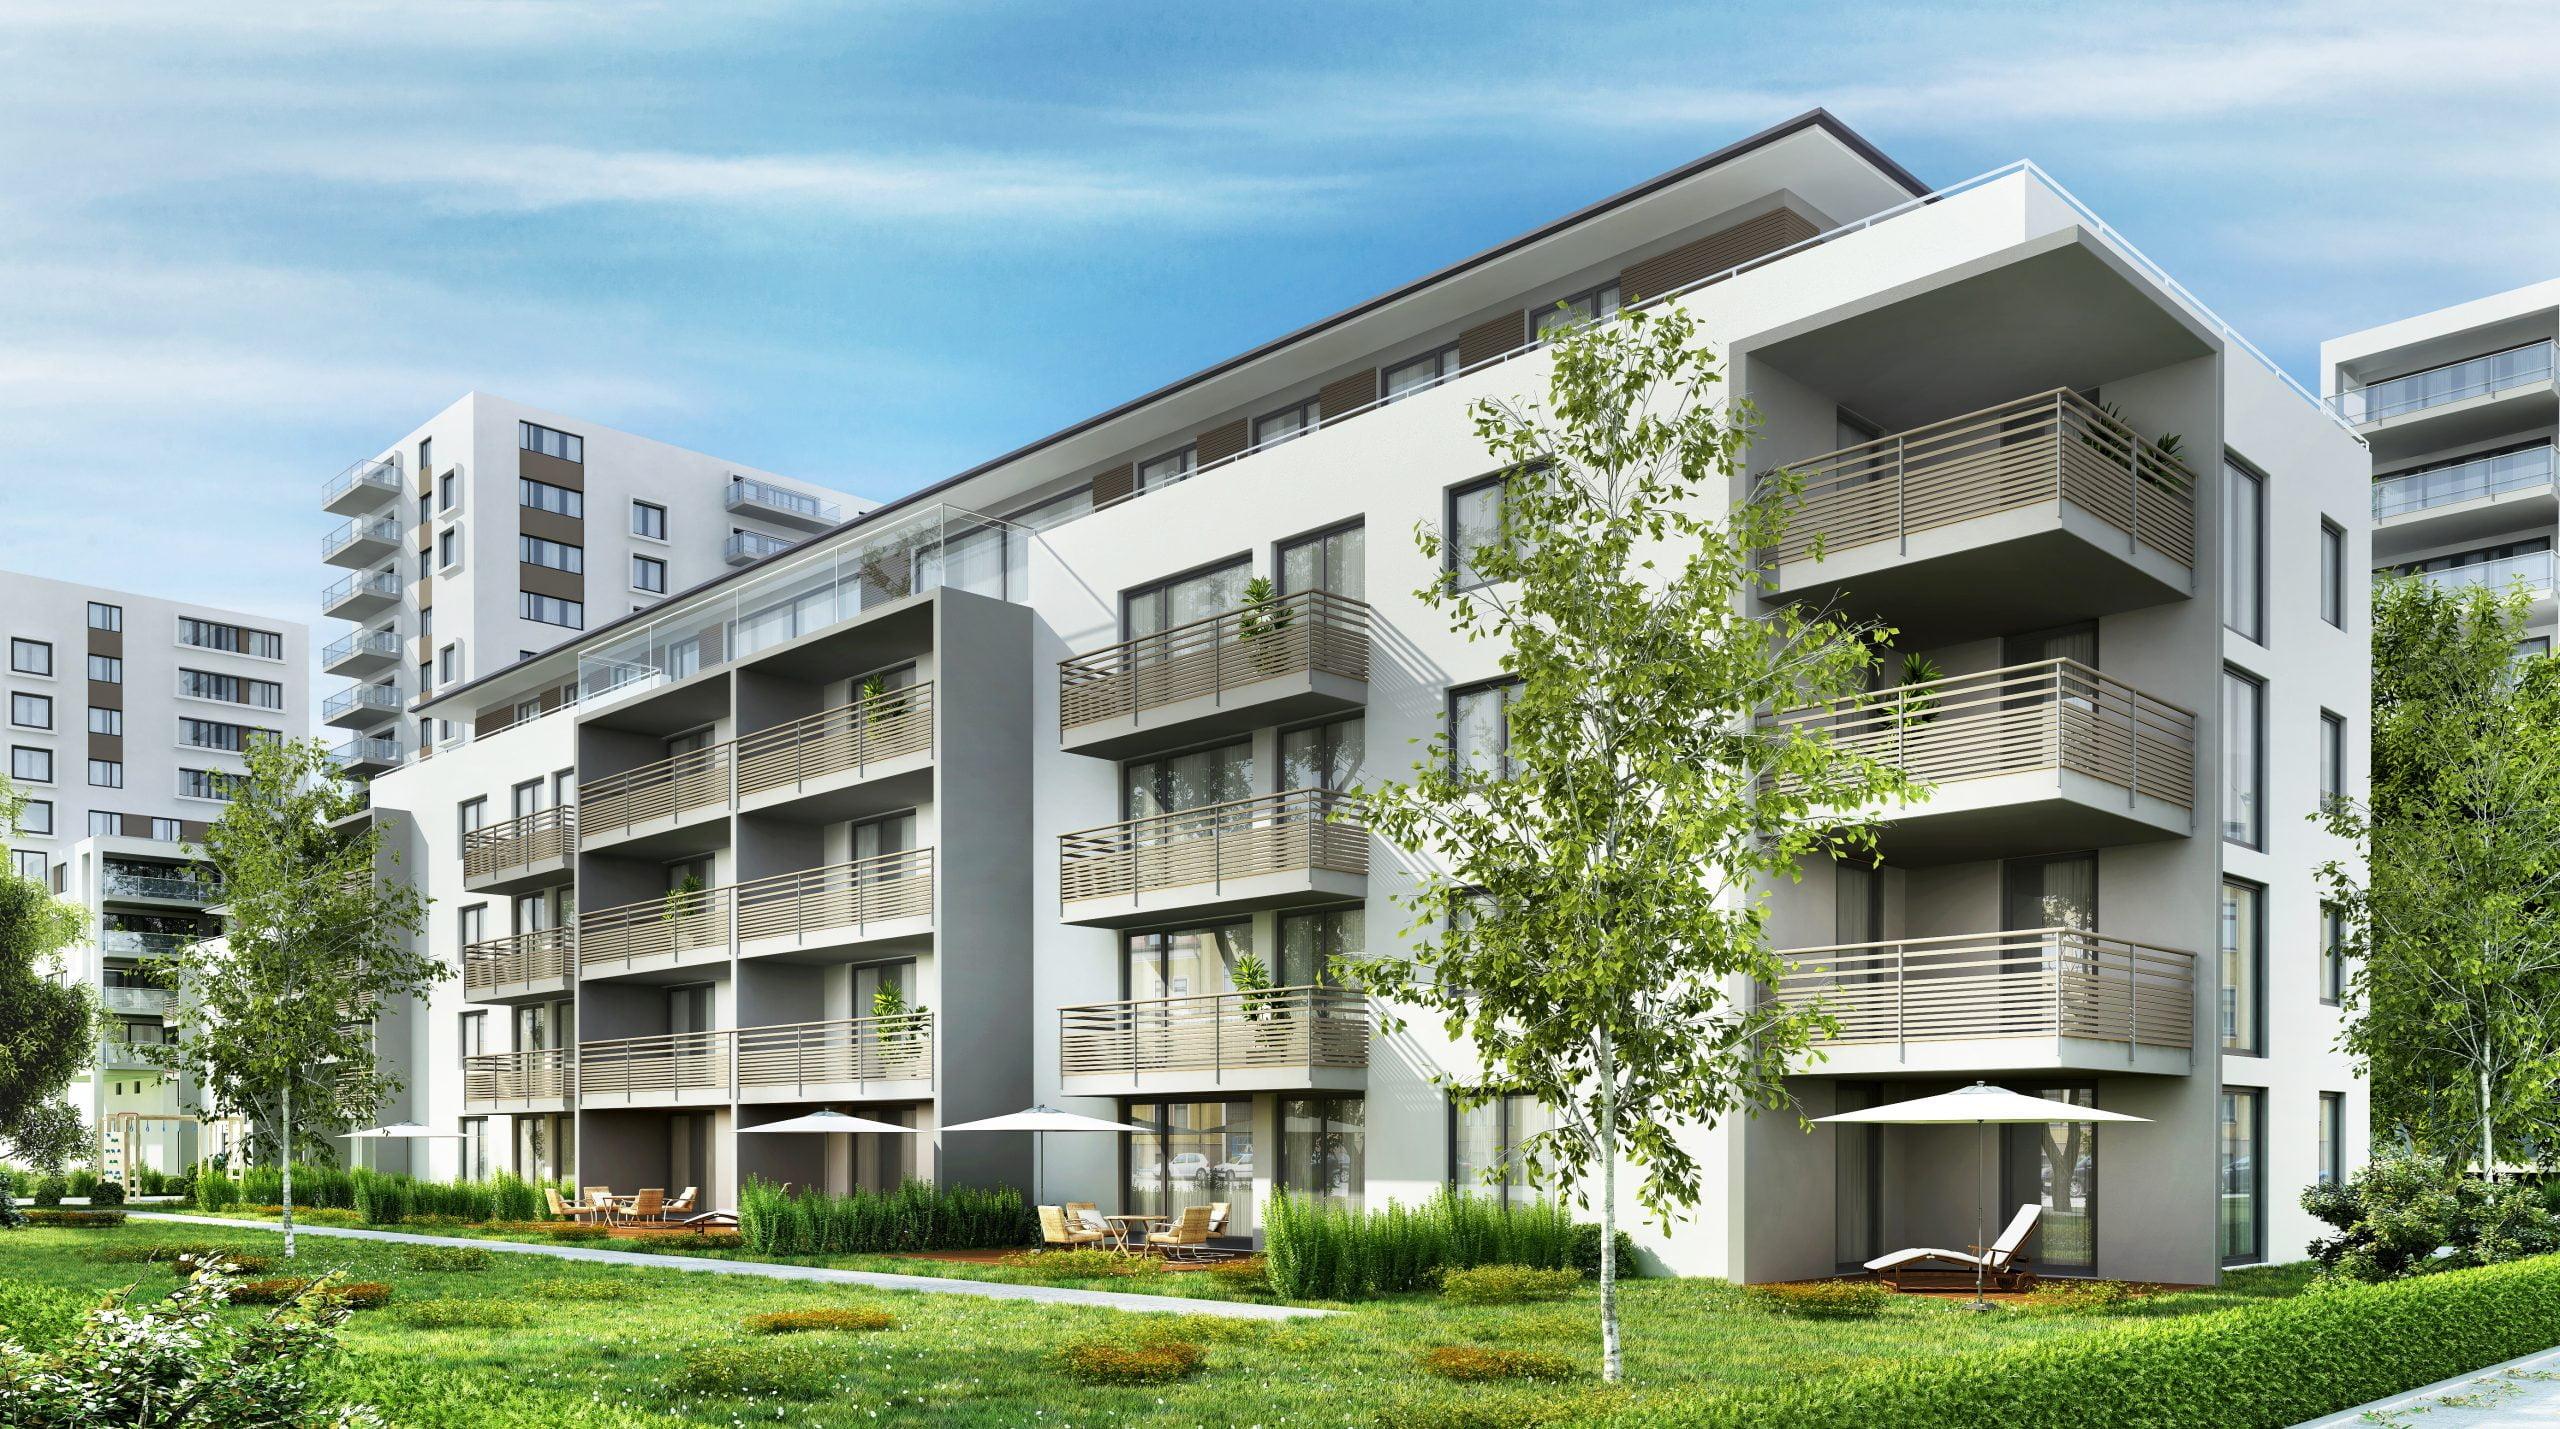 Estás leyendo acerca de seis formas de invertir en edificios de apartamentos por Passive Income, MD. Aquí se muestra un moderno edificio de apartamentos, un ejemplo de una propiedad multifamiliar.